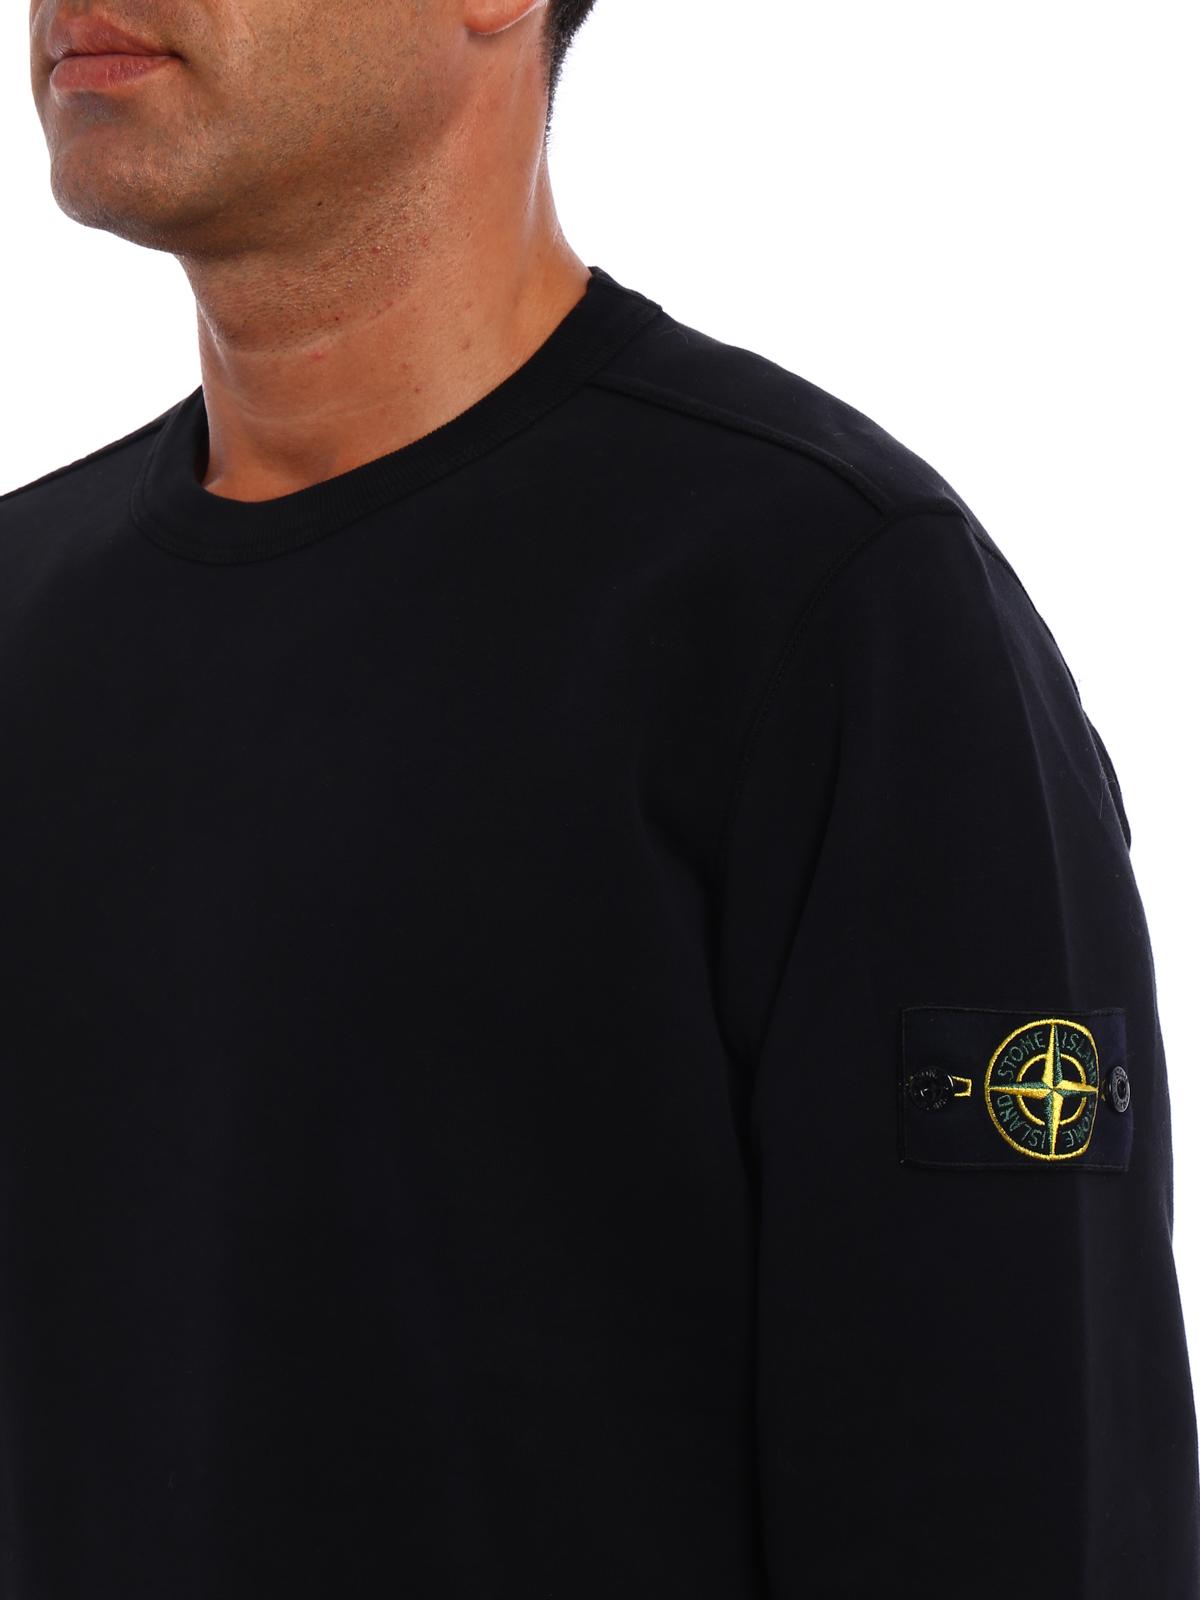 an vorderster Front der Zeit gut aussehen Schuhe verkaufen 100% authentifiziert Stone Island - Sweatshirt - Schwarz - Sweatshirts und ...